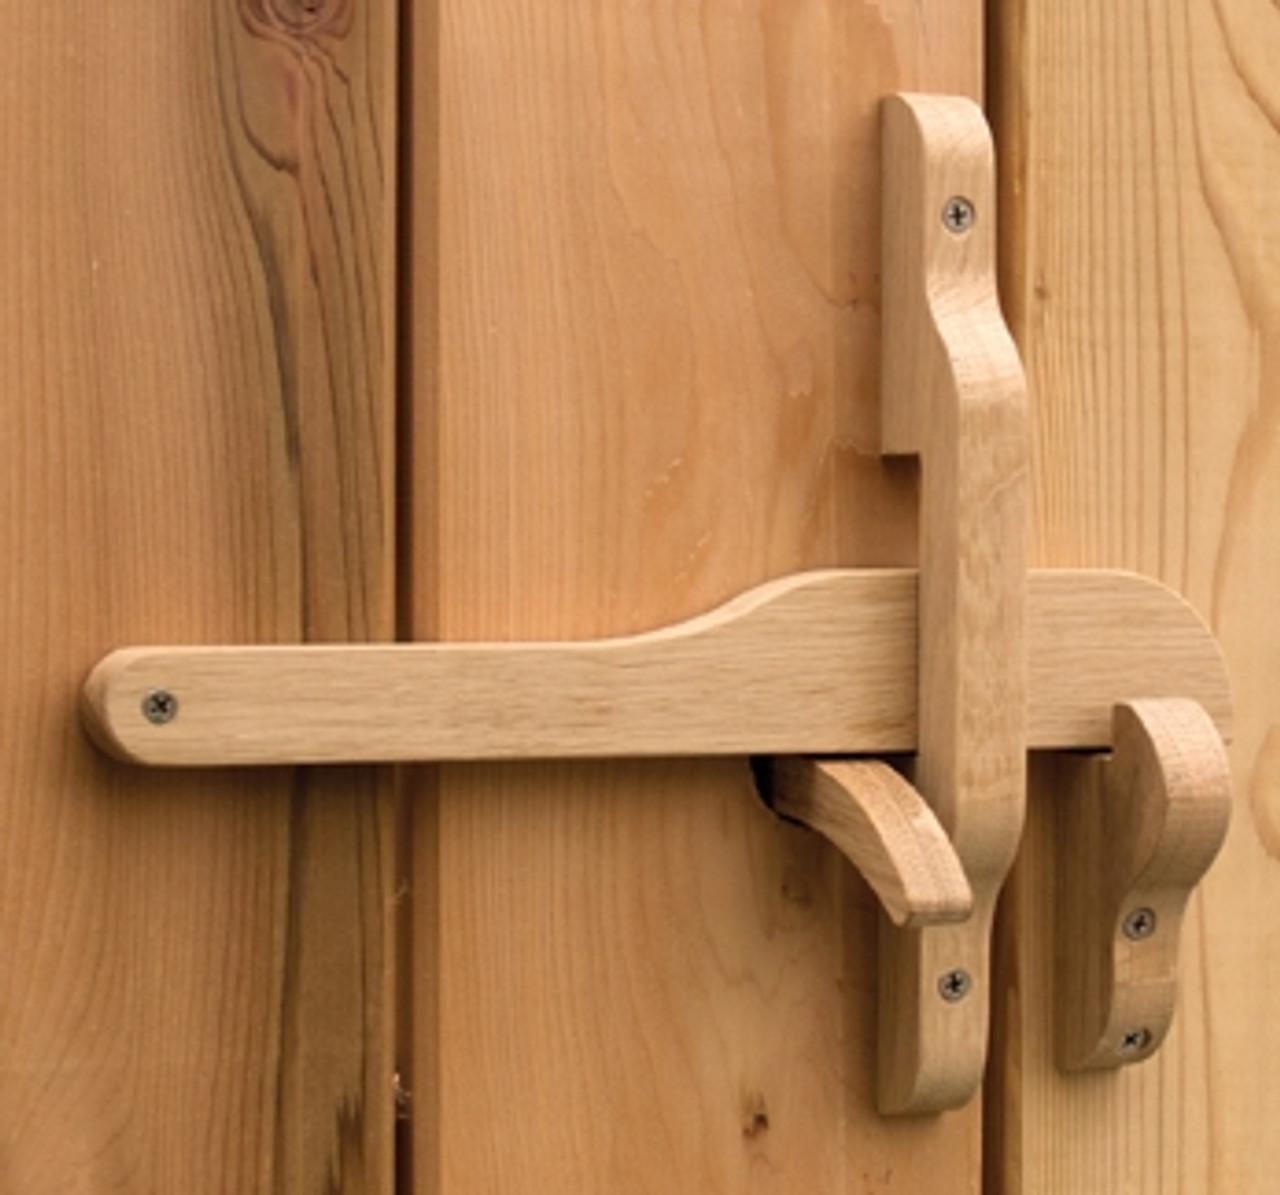 Rustic Wooden Gate Latch -